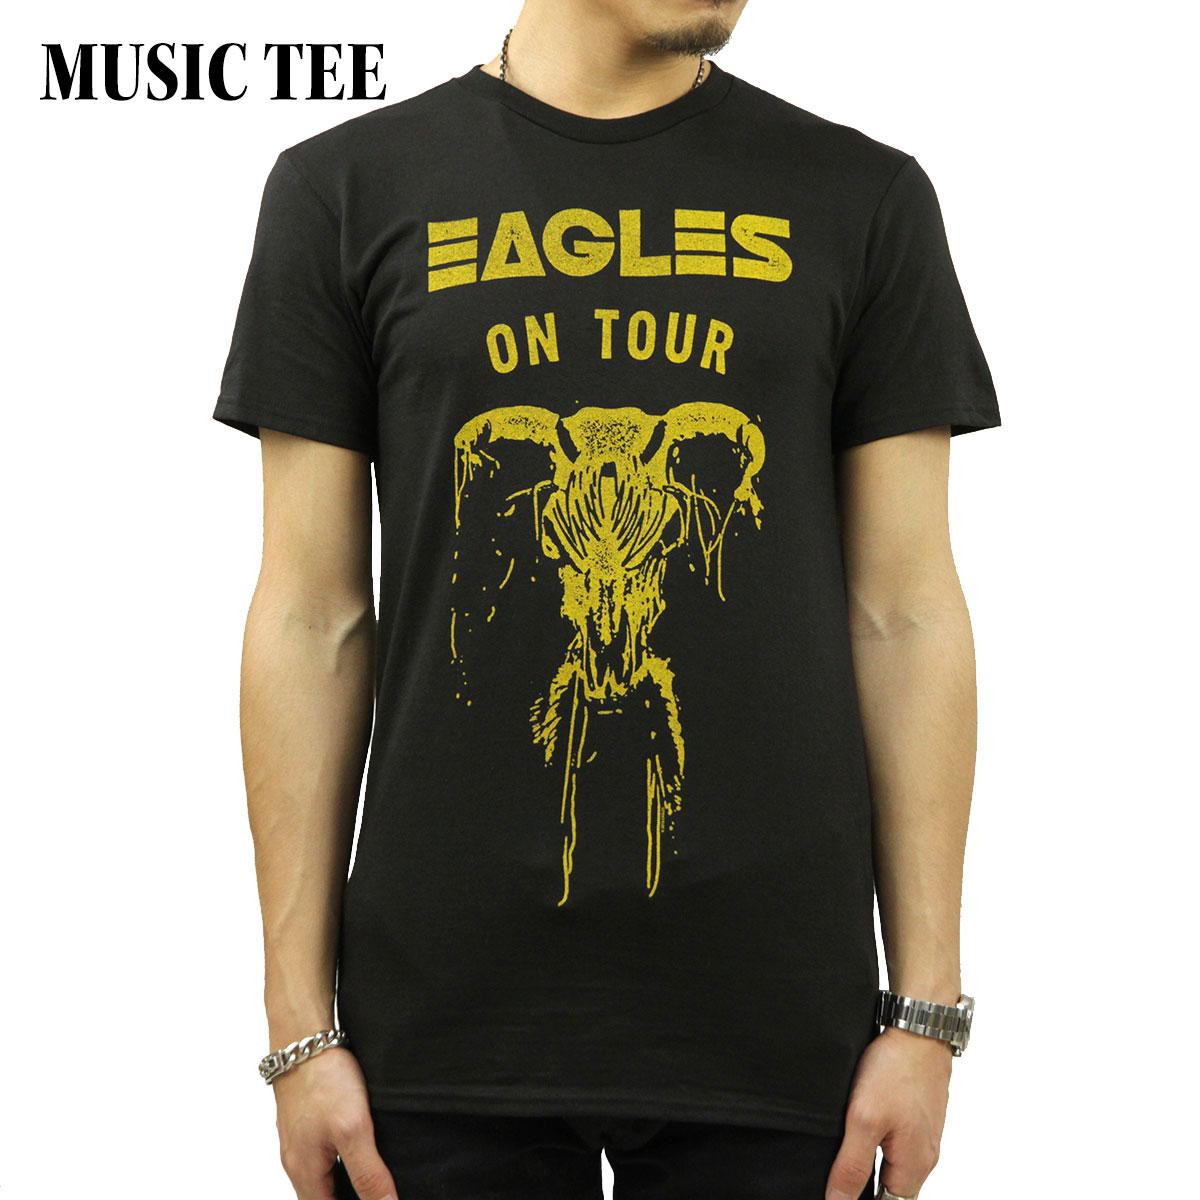 ミュージックティ バンドTシャツ メンズ 正規品 MUSIC TEE ロックTシャツ 半袖Tシャツ イーグルス THE EAGLES ON TOUR SKULL MUSIC TEE AB5B B1C C1D D1E E13F